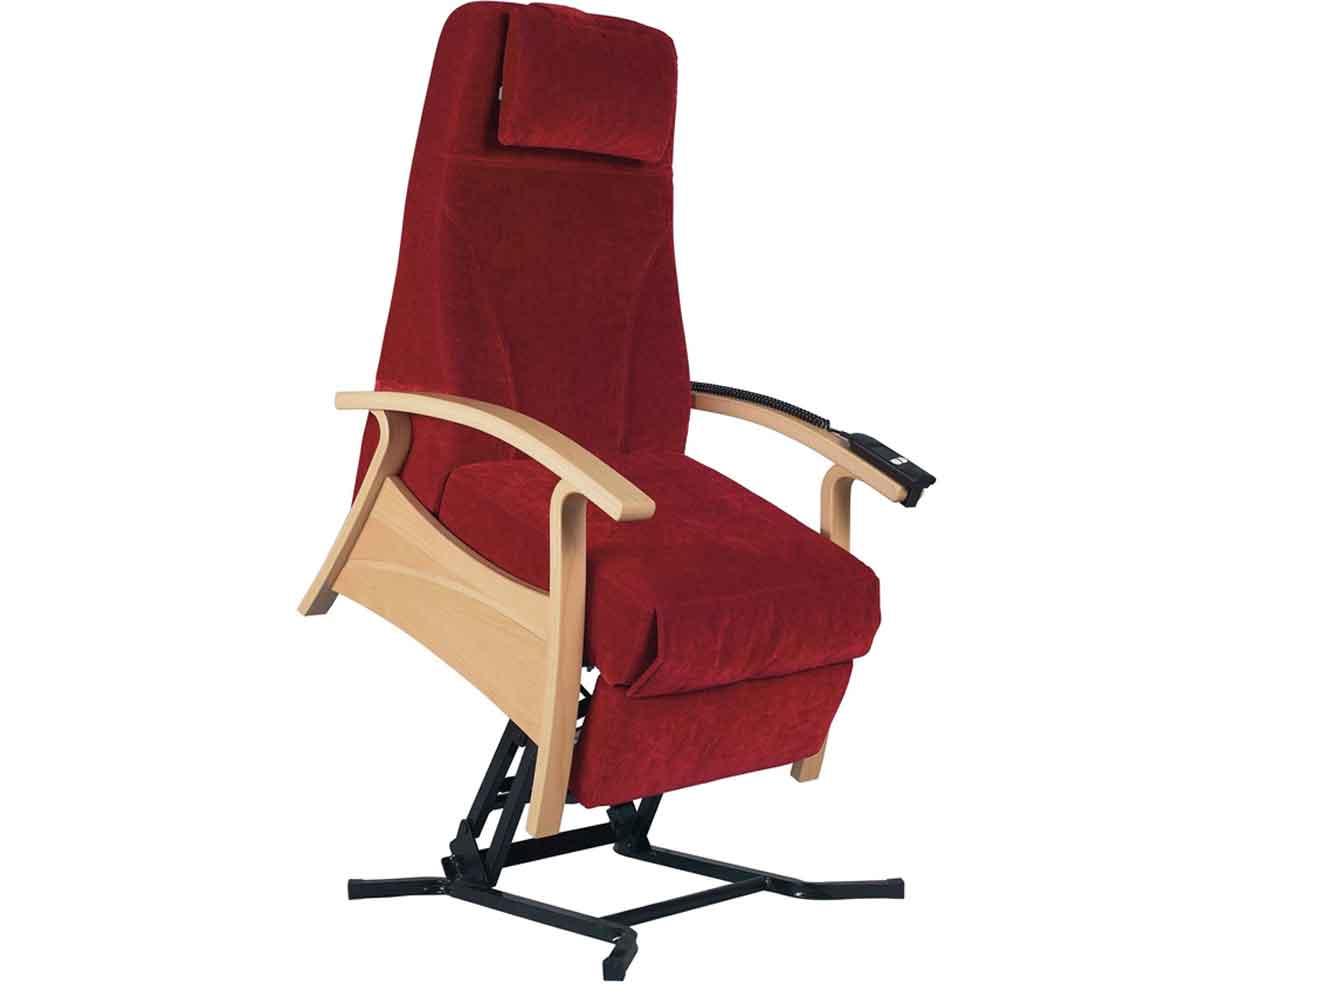 DWG Relax stol med løftemekanisme til plejesektoren